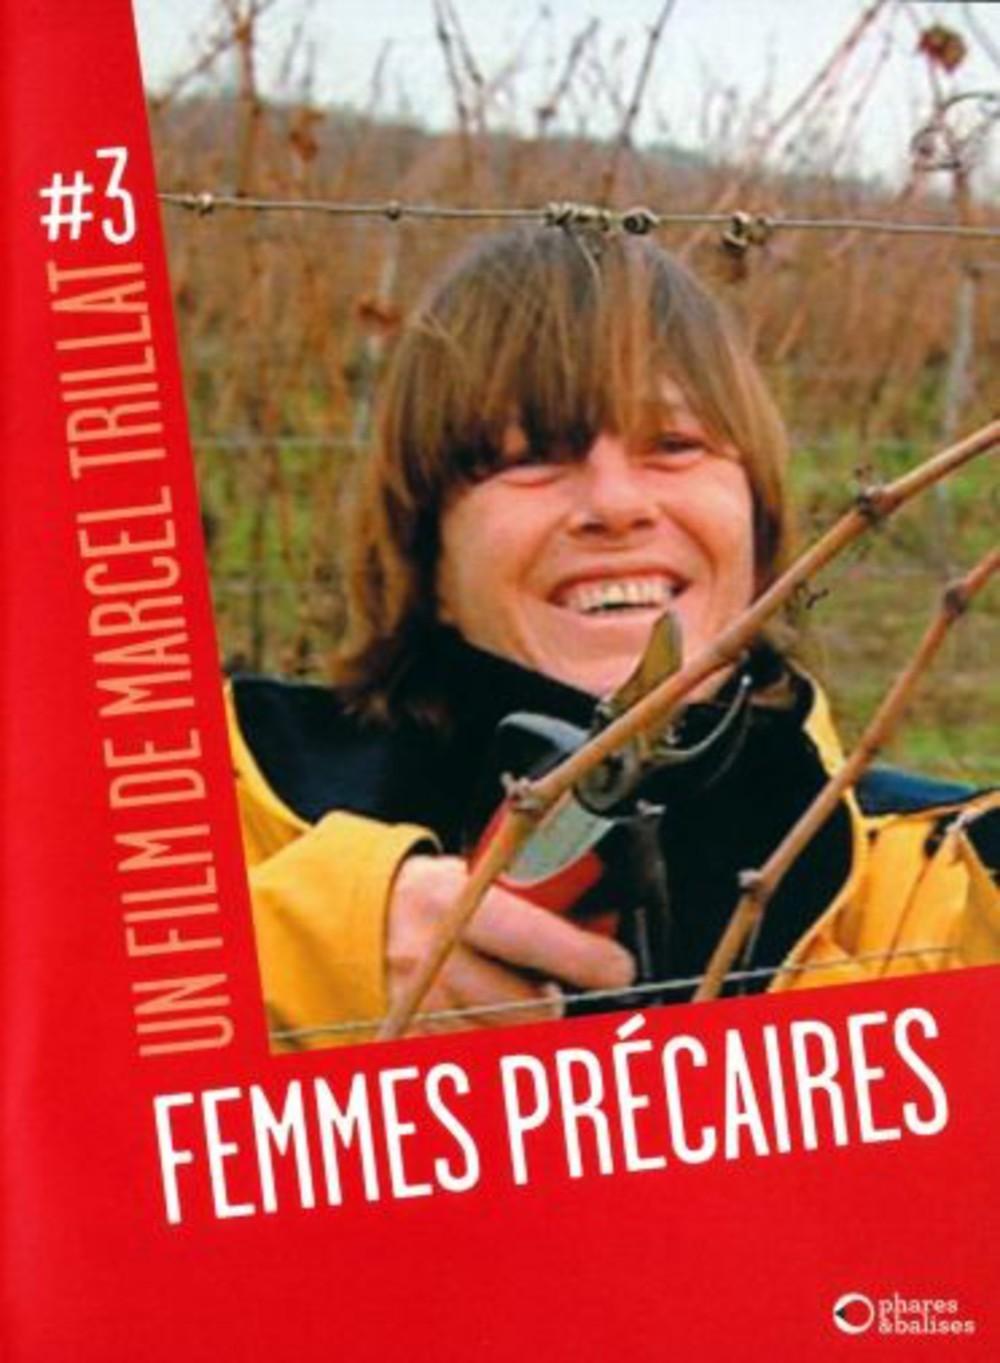 Femmes Précaires de Marcel Trillat - France 2 (2005)